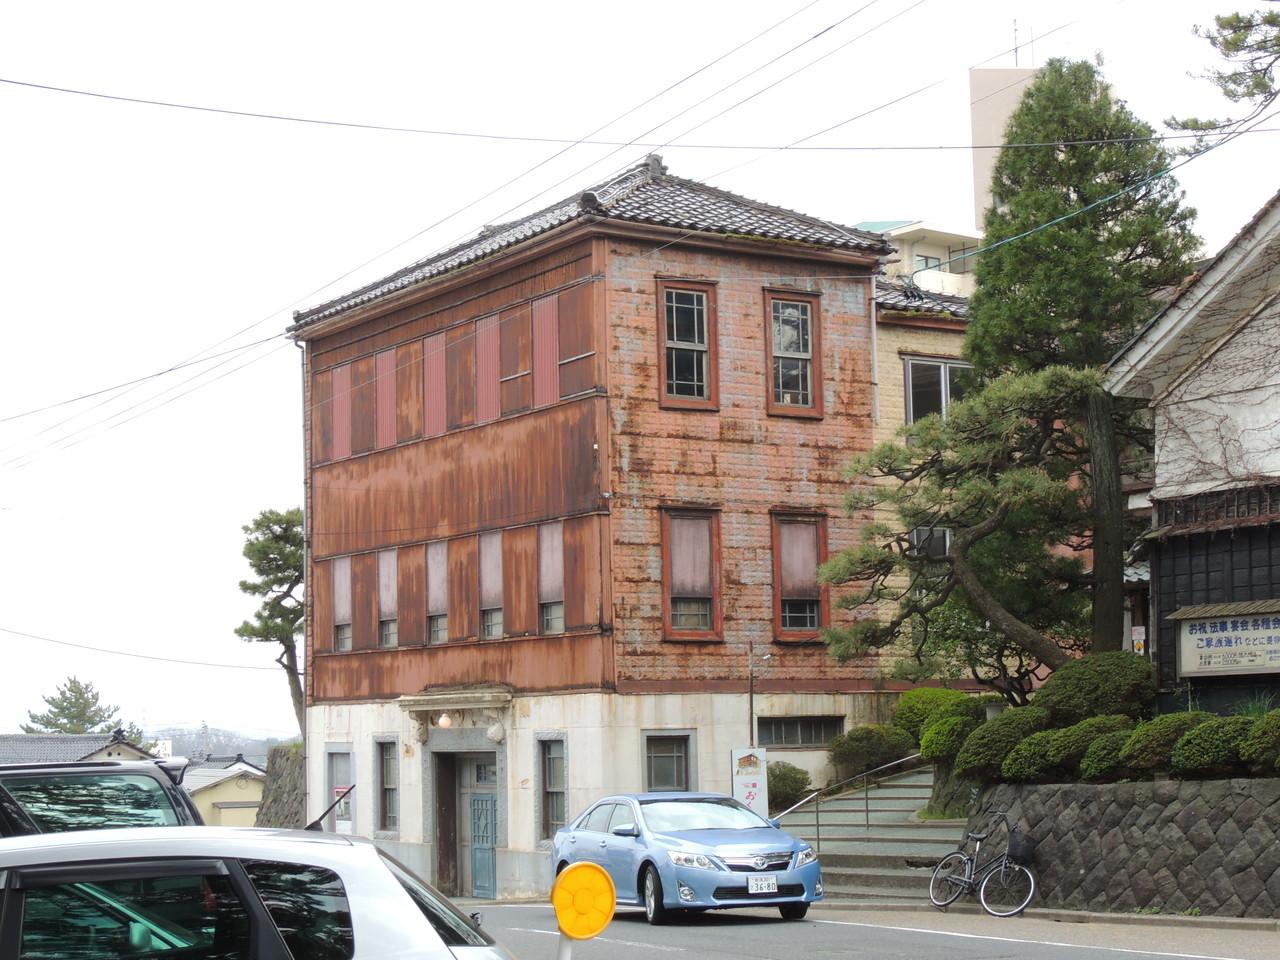 鳥居と道路を隔てた斜め向かいにあったレトロな建物ですが、何人かの方が写真を撮っていました。  映画「おくりびと」のロケで使われたものだそうで、右手にある割烹